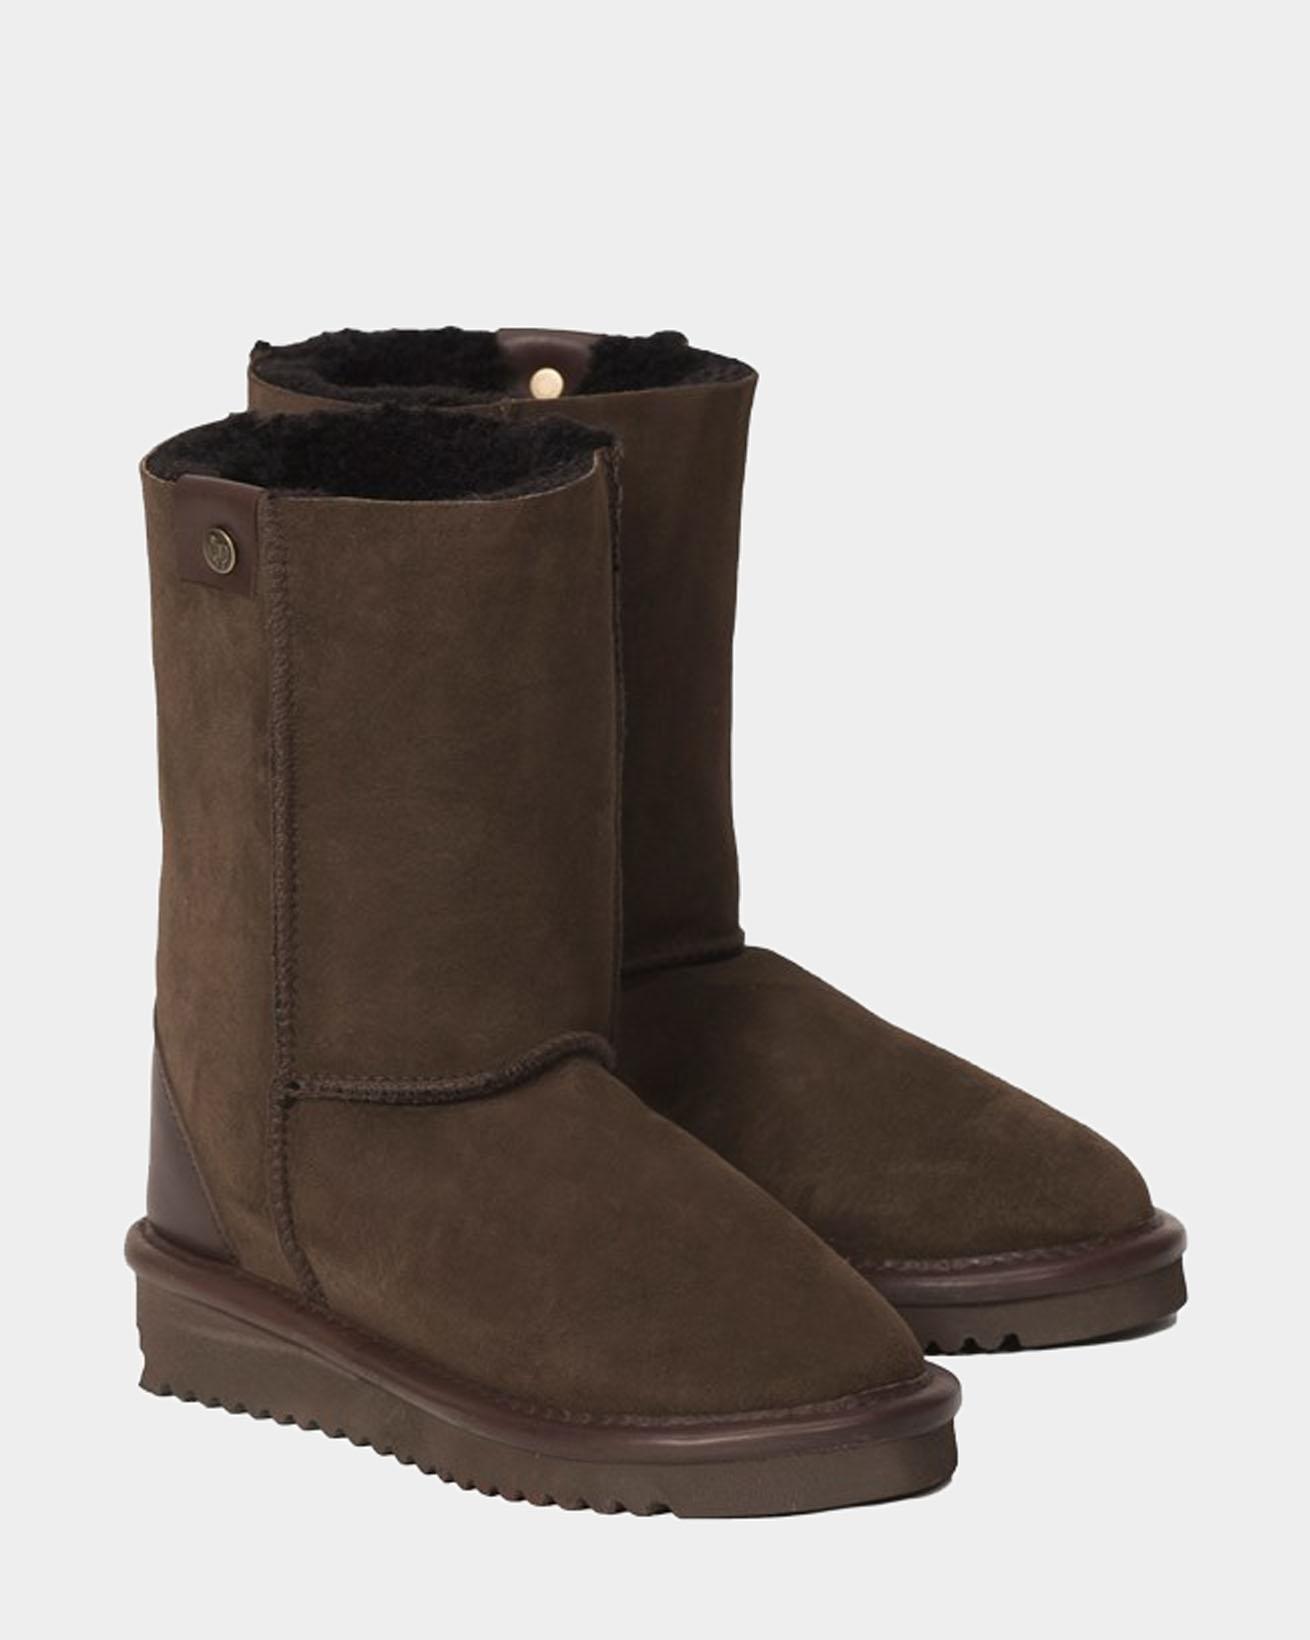 6614-original-celt-sheepskin-boots-mocca-cutout-1.jpg